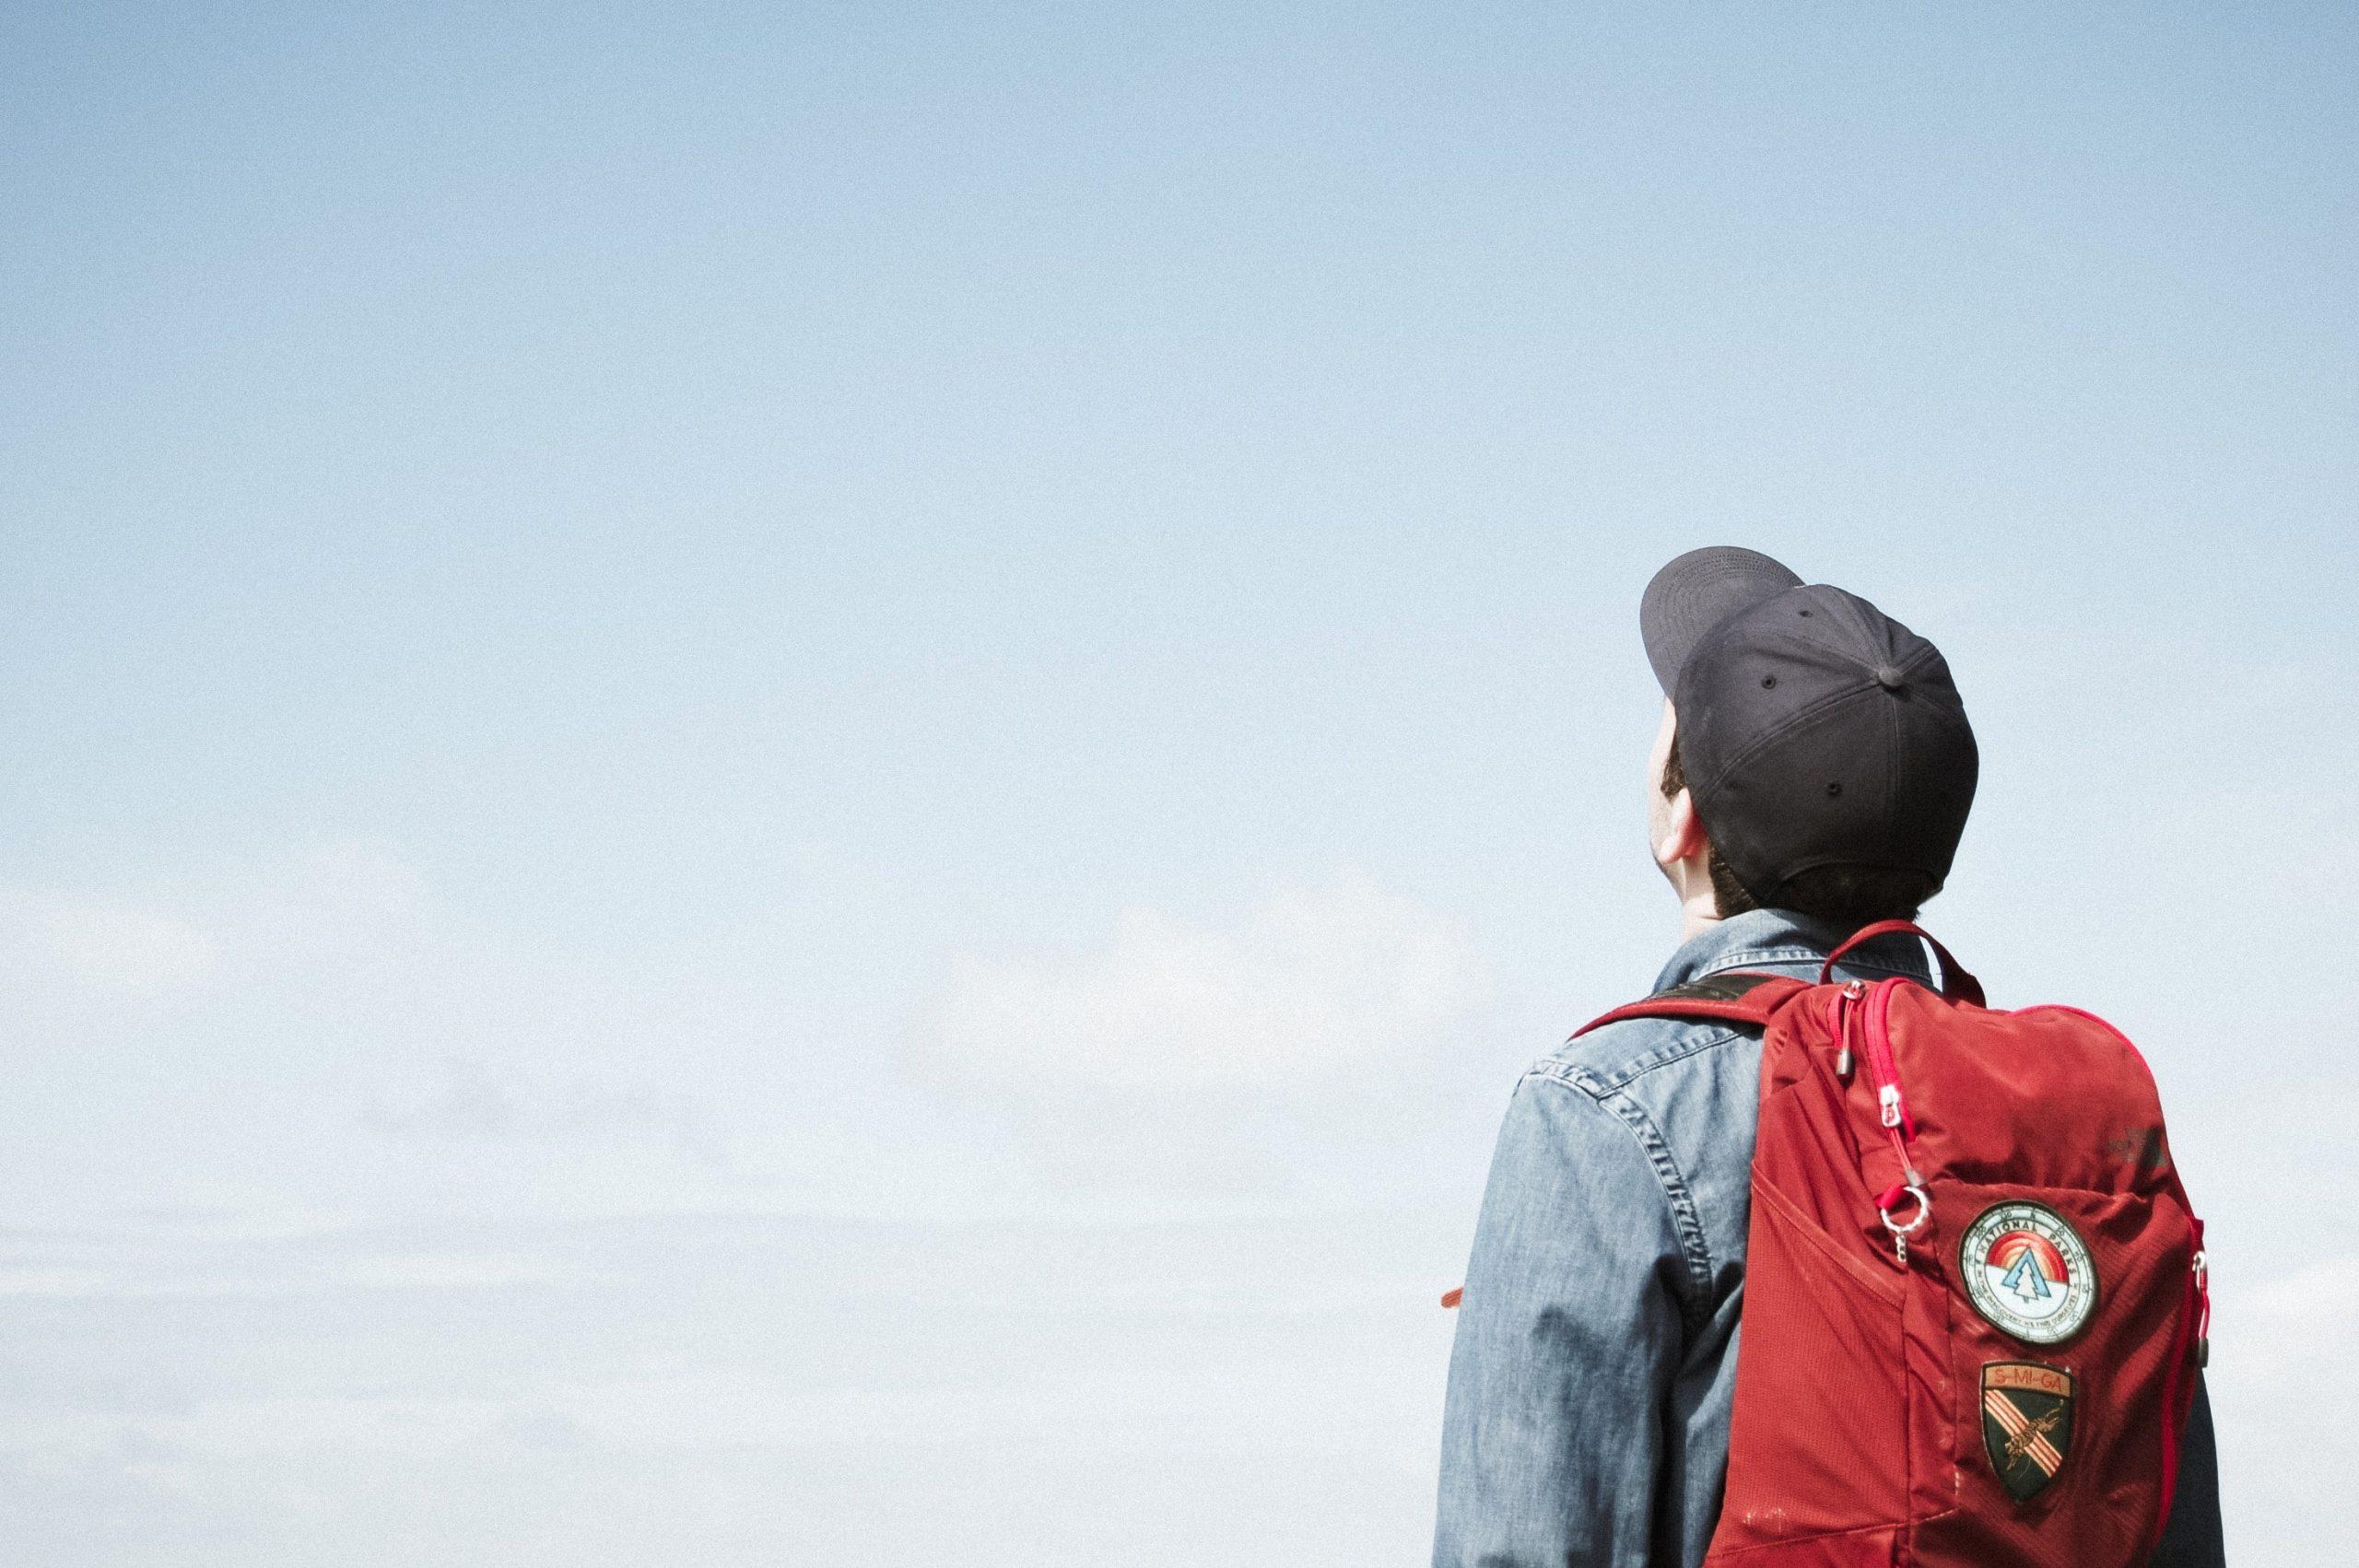 Nájdu sa mladí odhodlaní ľudia?